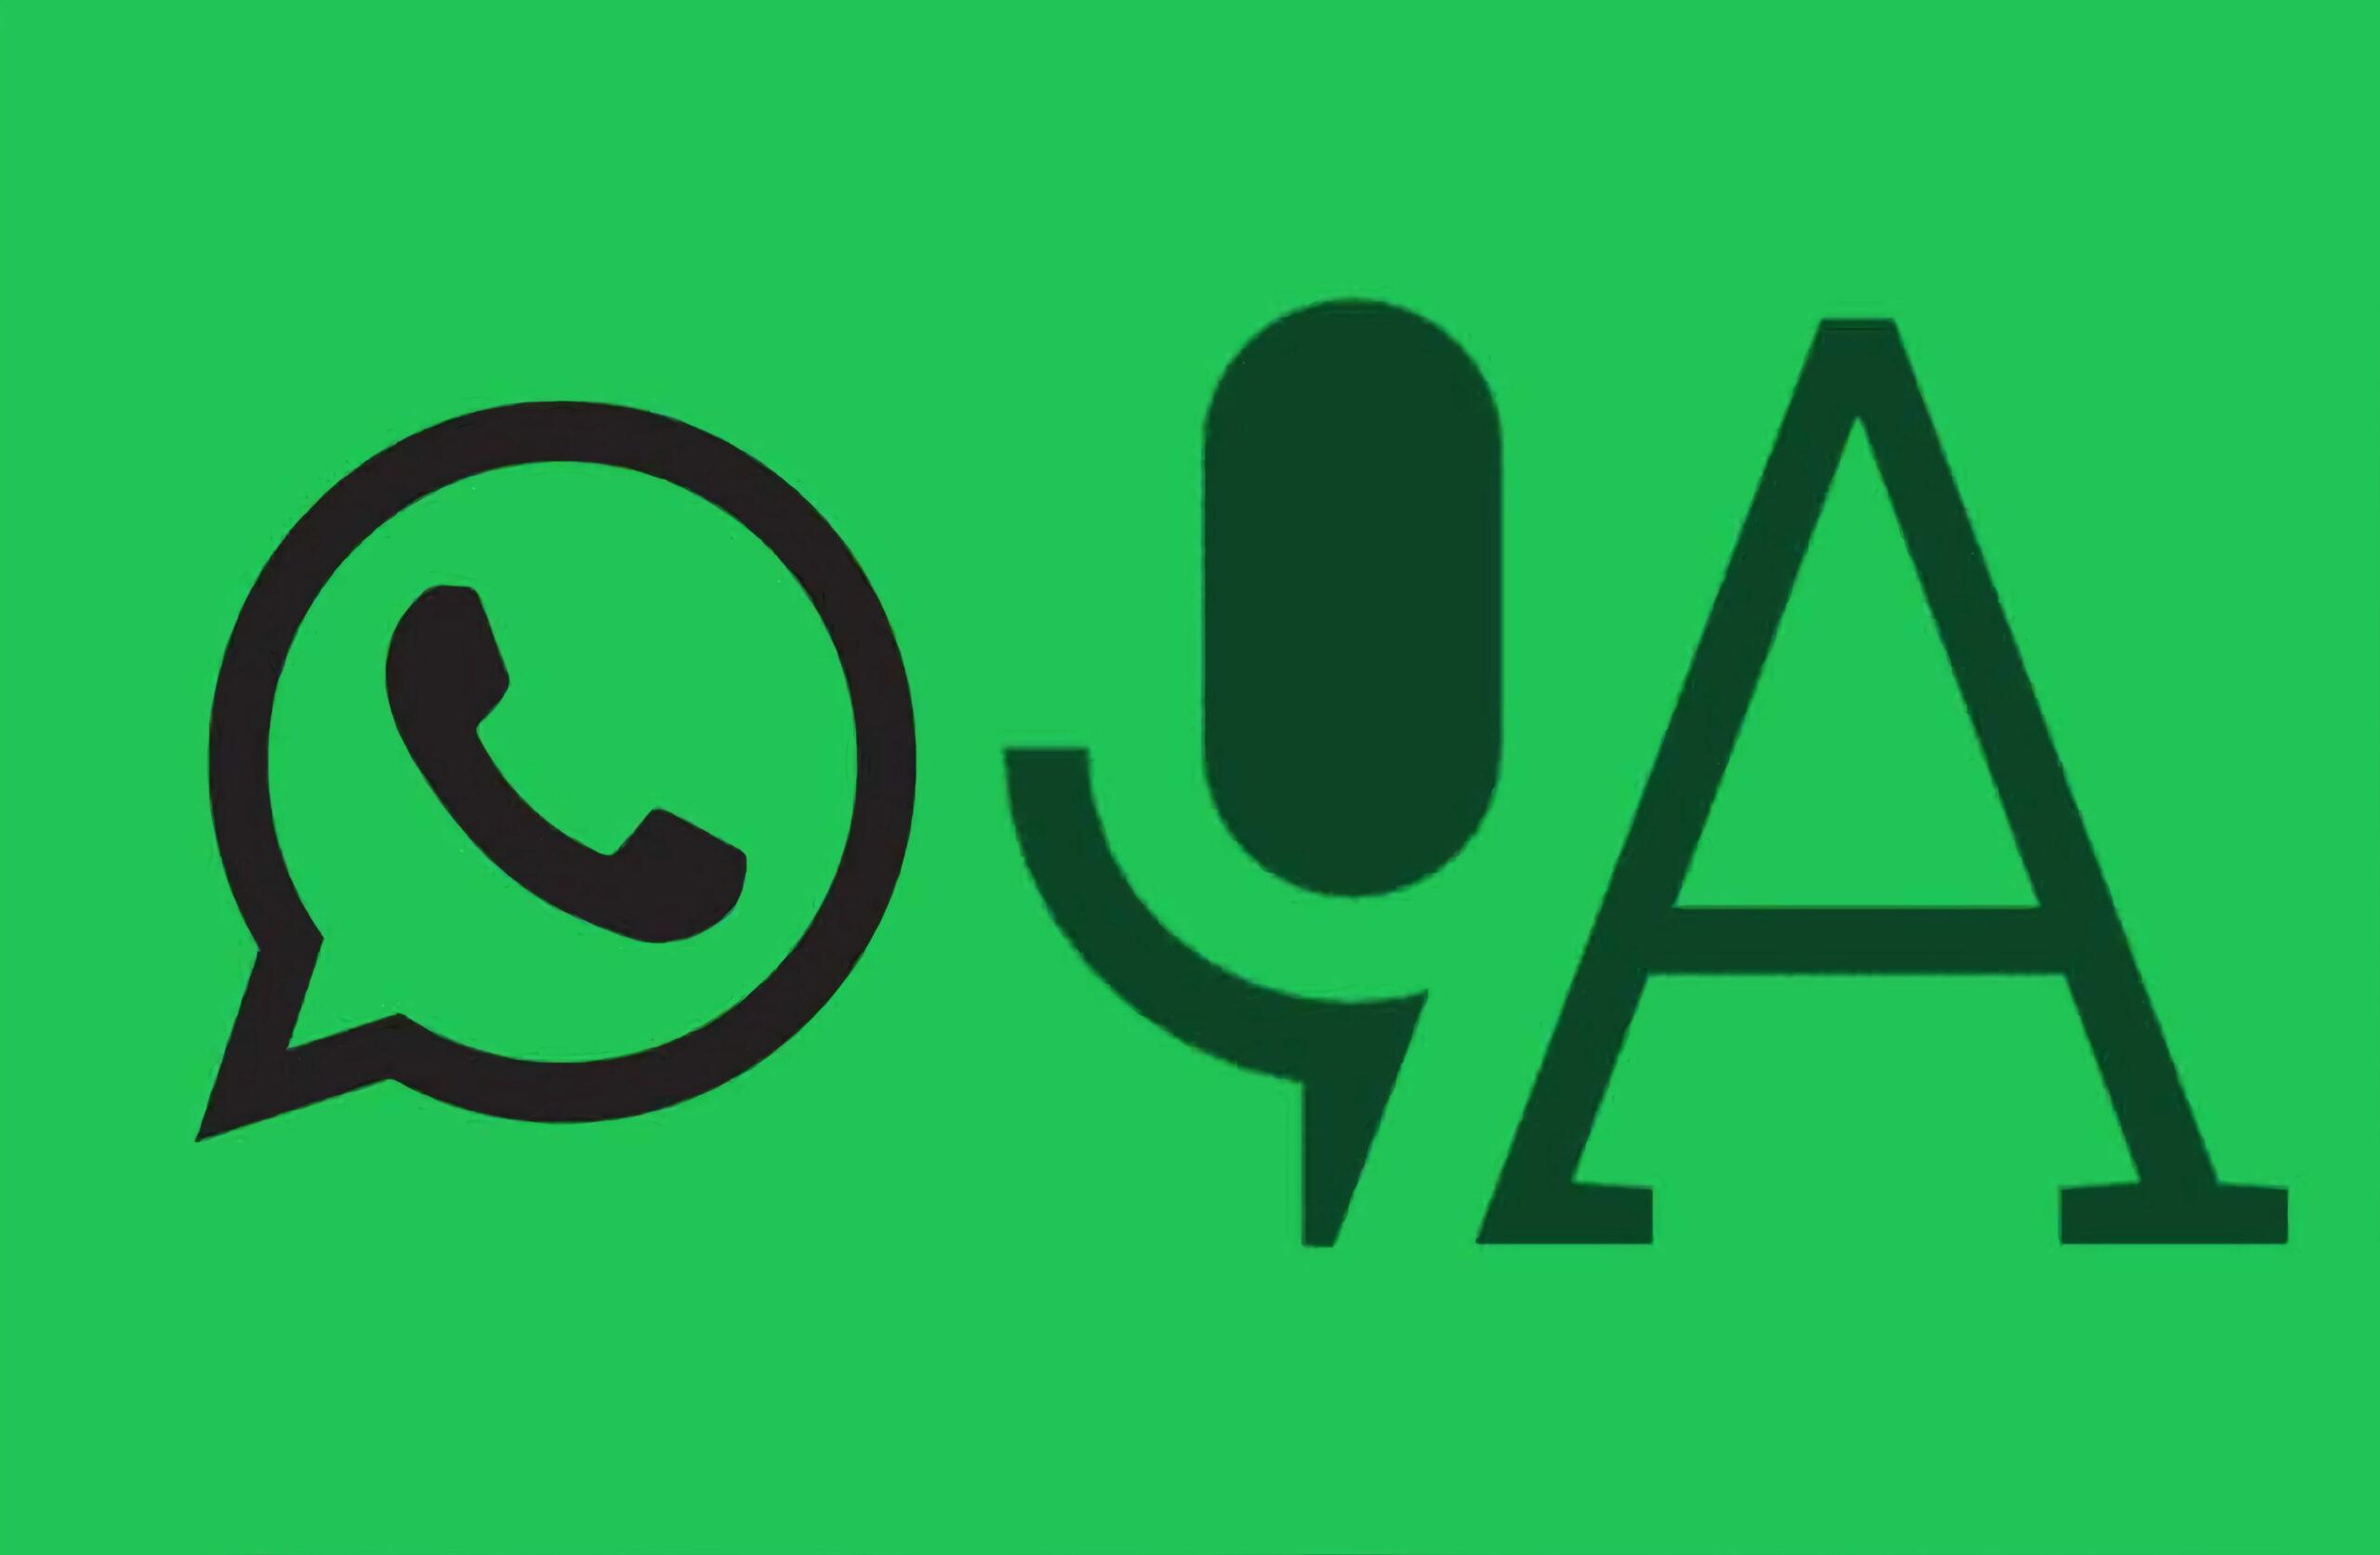 whatsapp trascrizione vocali titolo 1